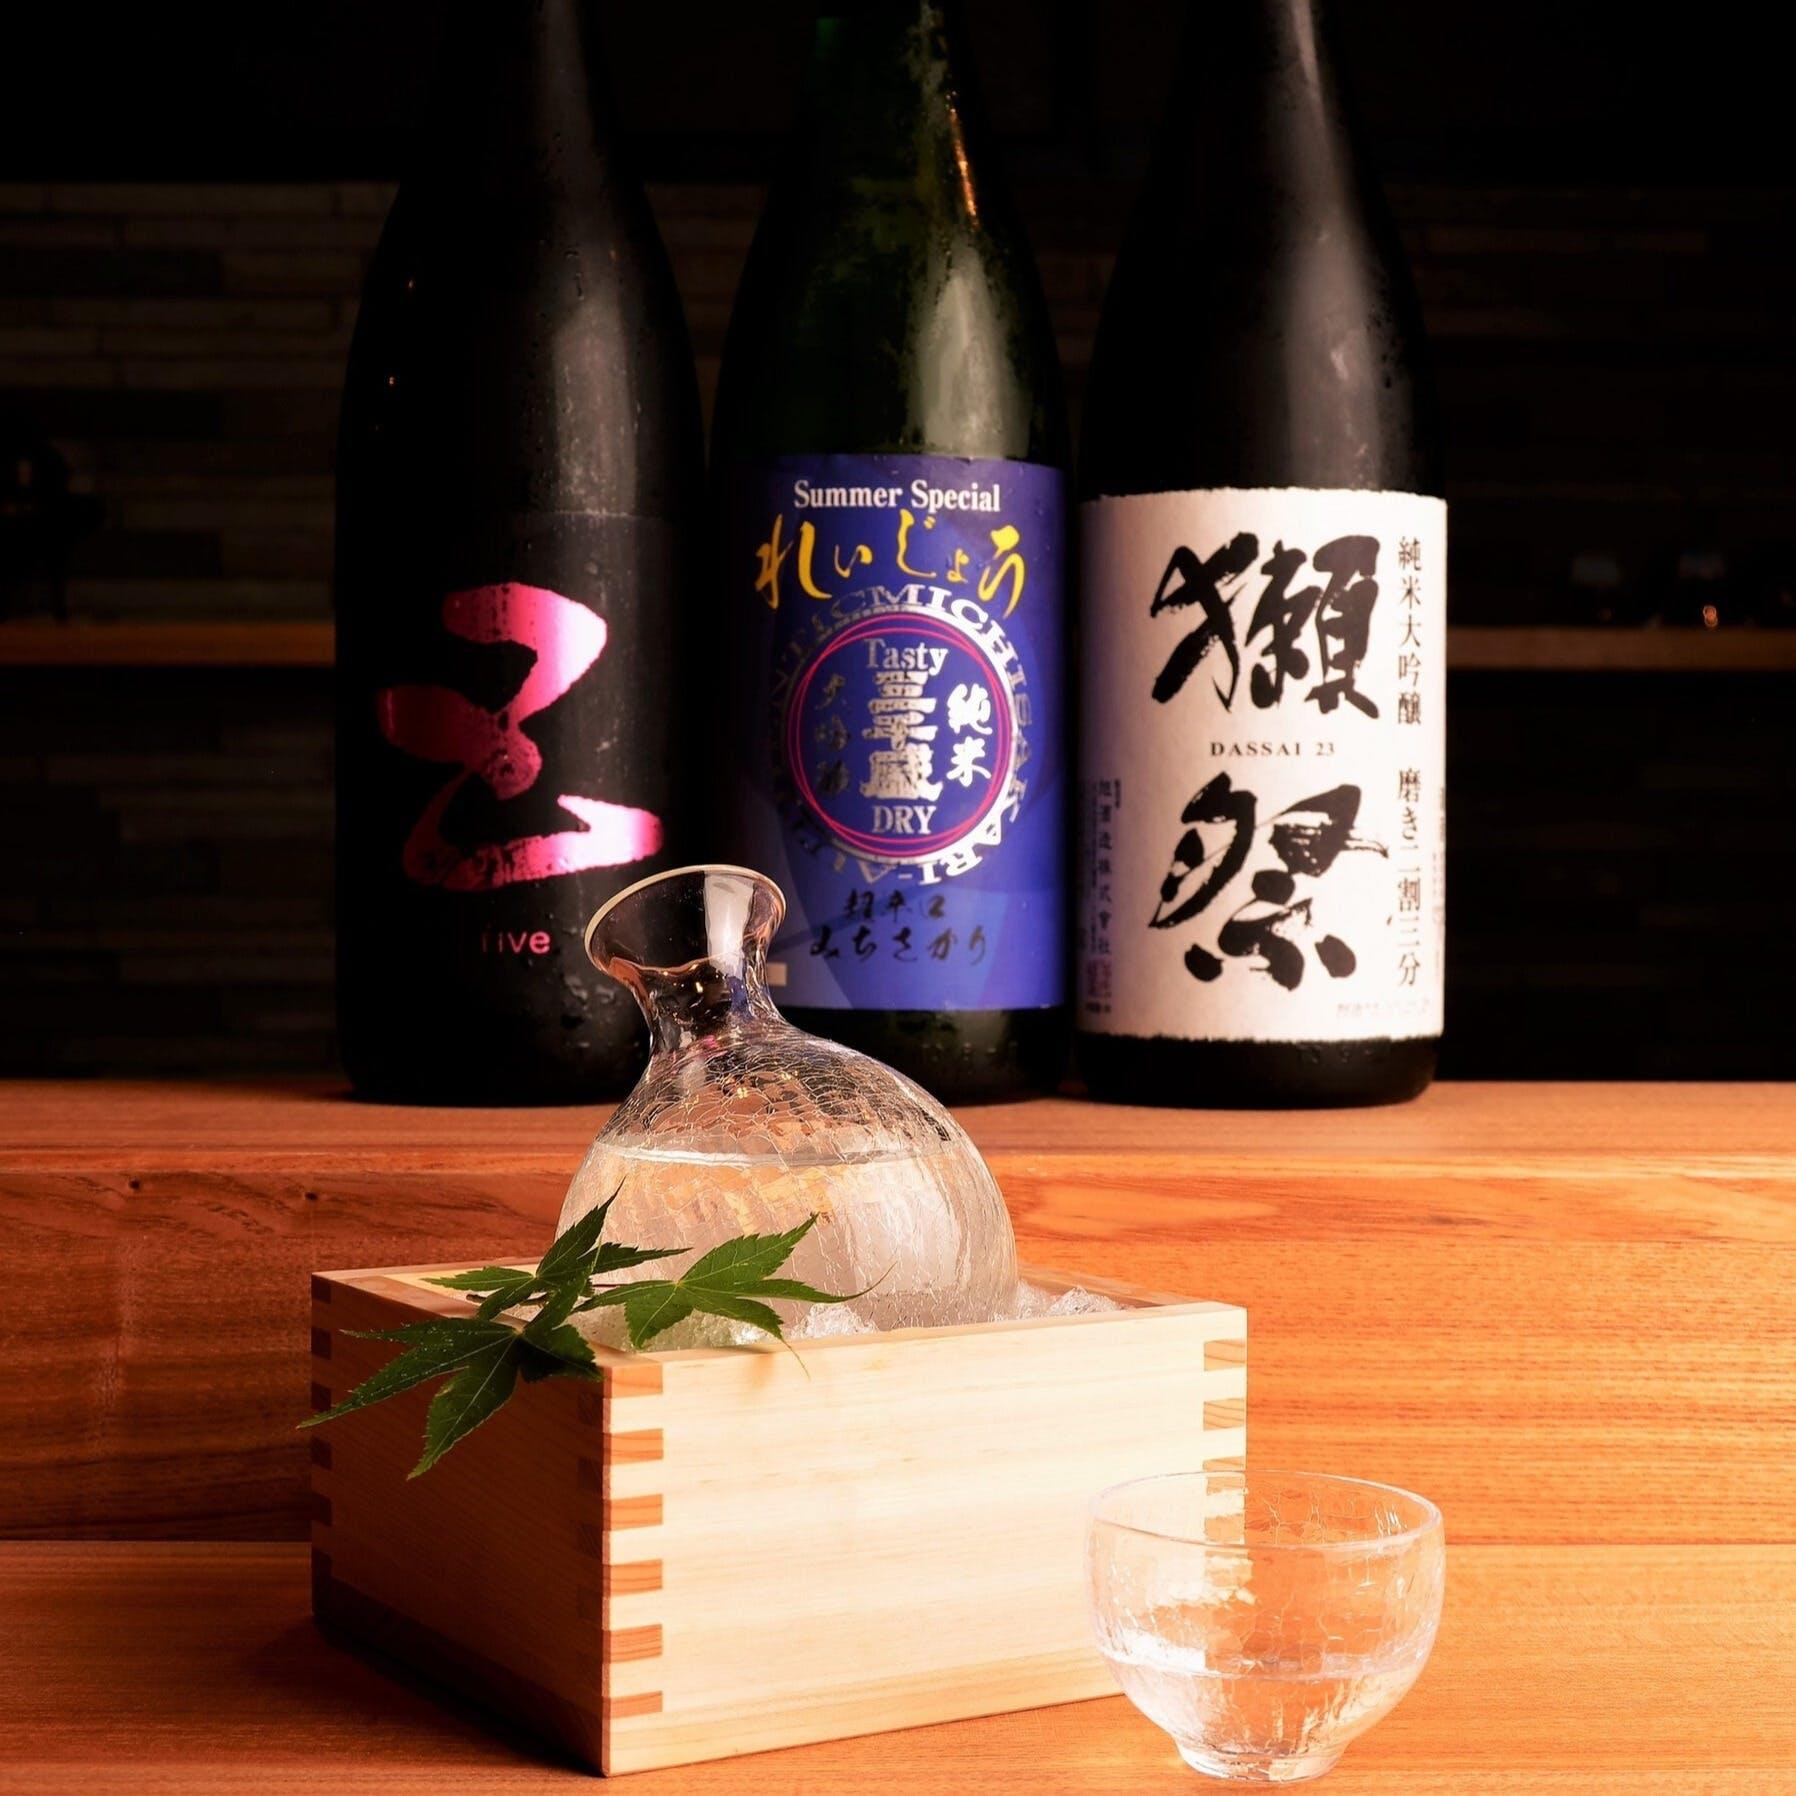 愛知の魚と地酒で日本の旬を味わう